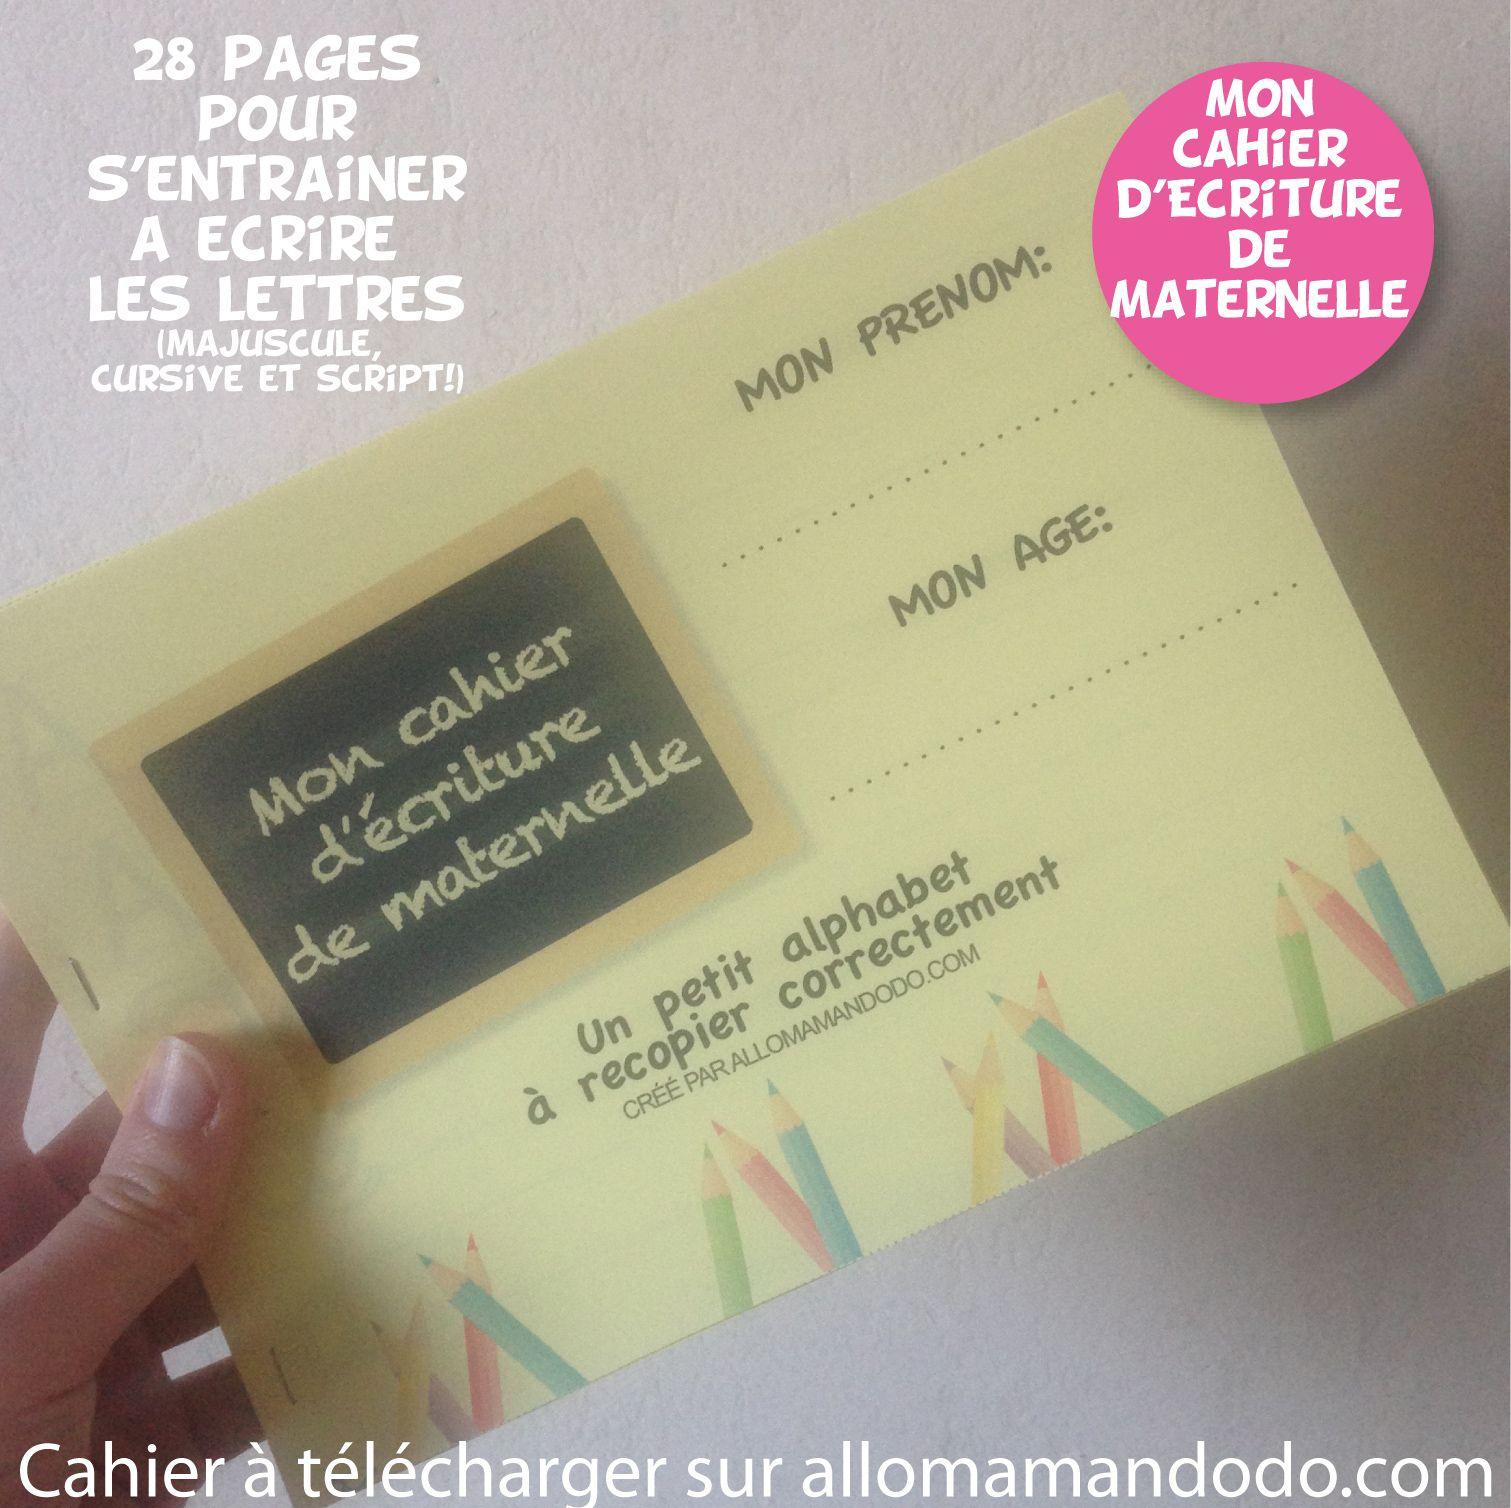 Le Cahier D'écriture De Maternelle À Télécharger ( Gratuit encequiconcerne Cahier De Vacances Maternelle Gratuit A Imprimer